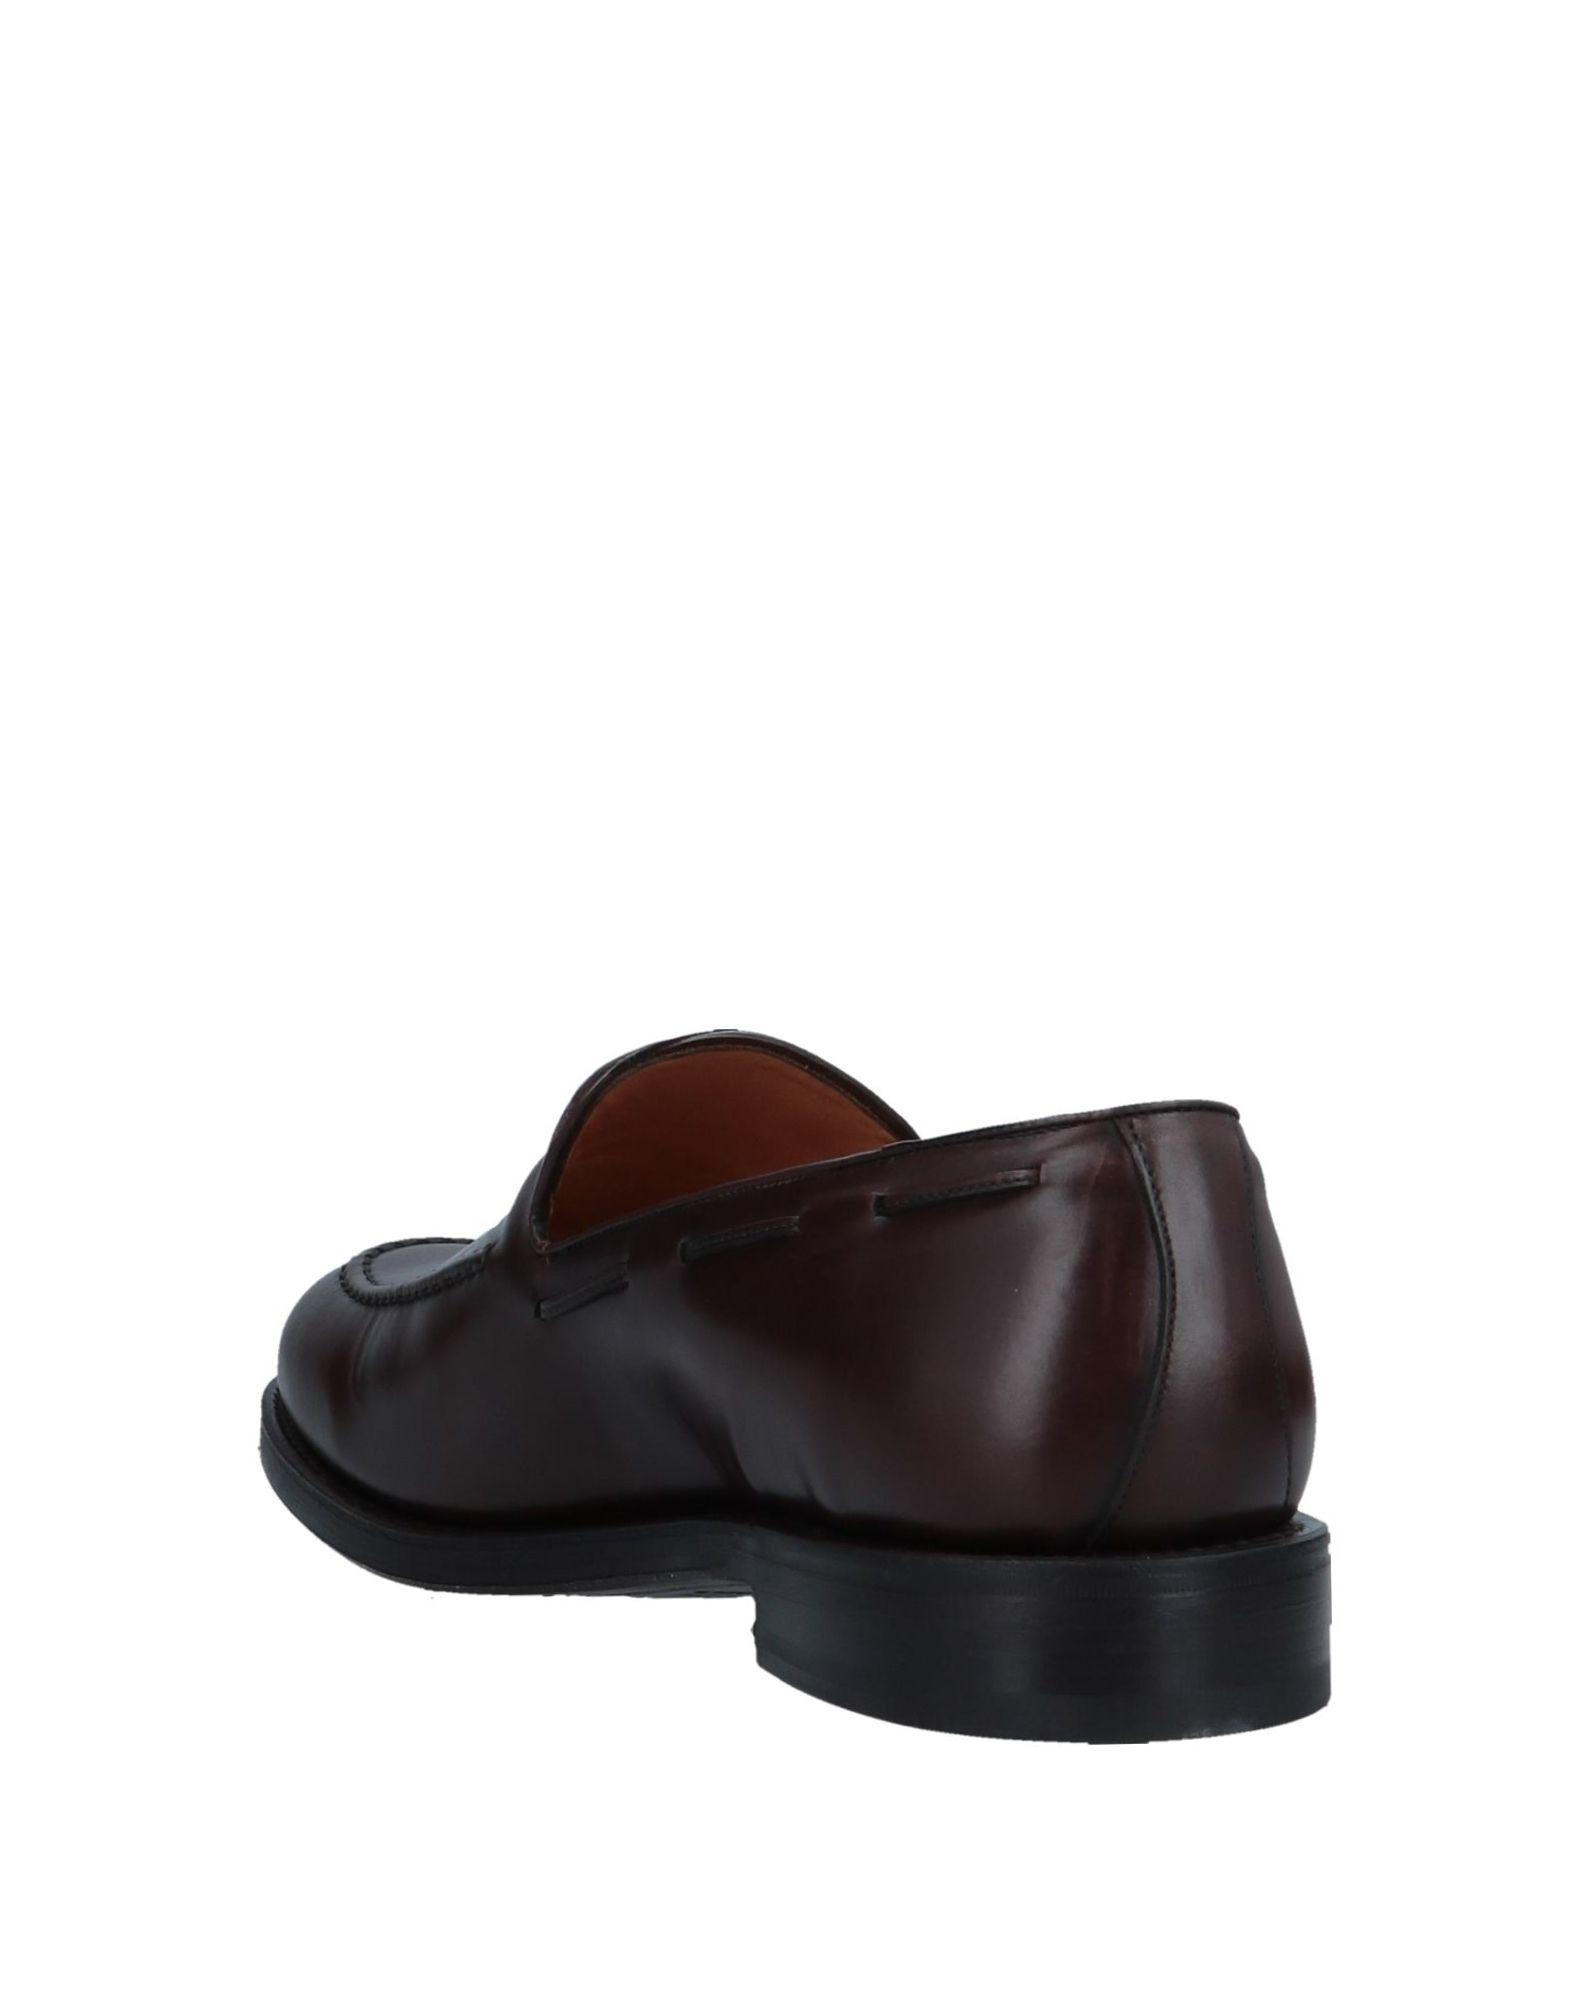 Artios Mokassins Herren beliebte  11550915ED Gute Qualität beliebte Herren Schuhe fa62fa